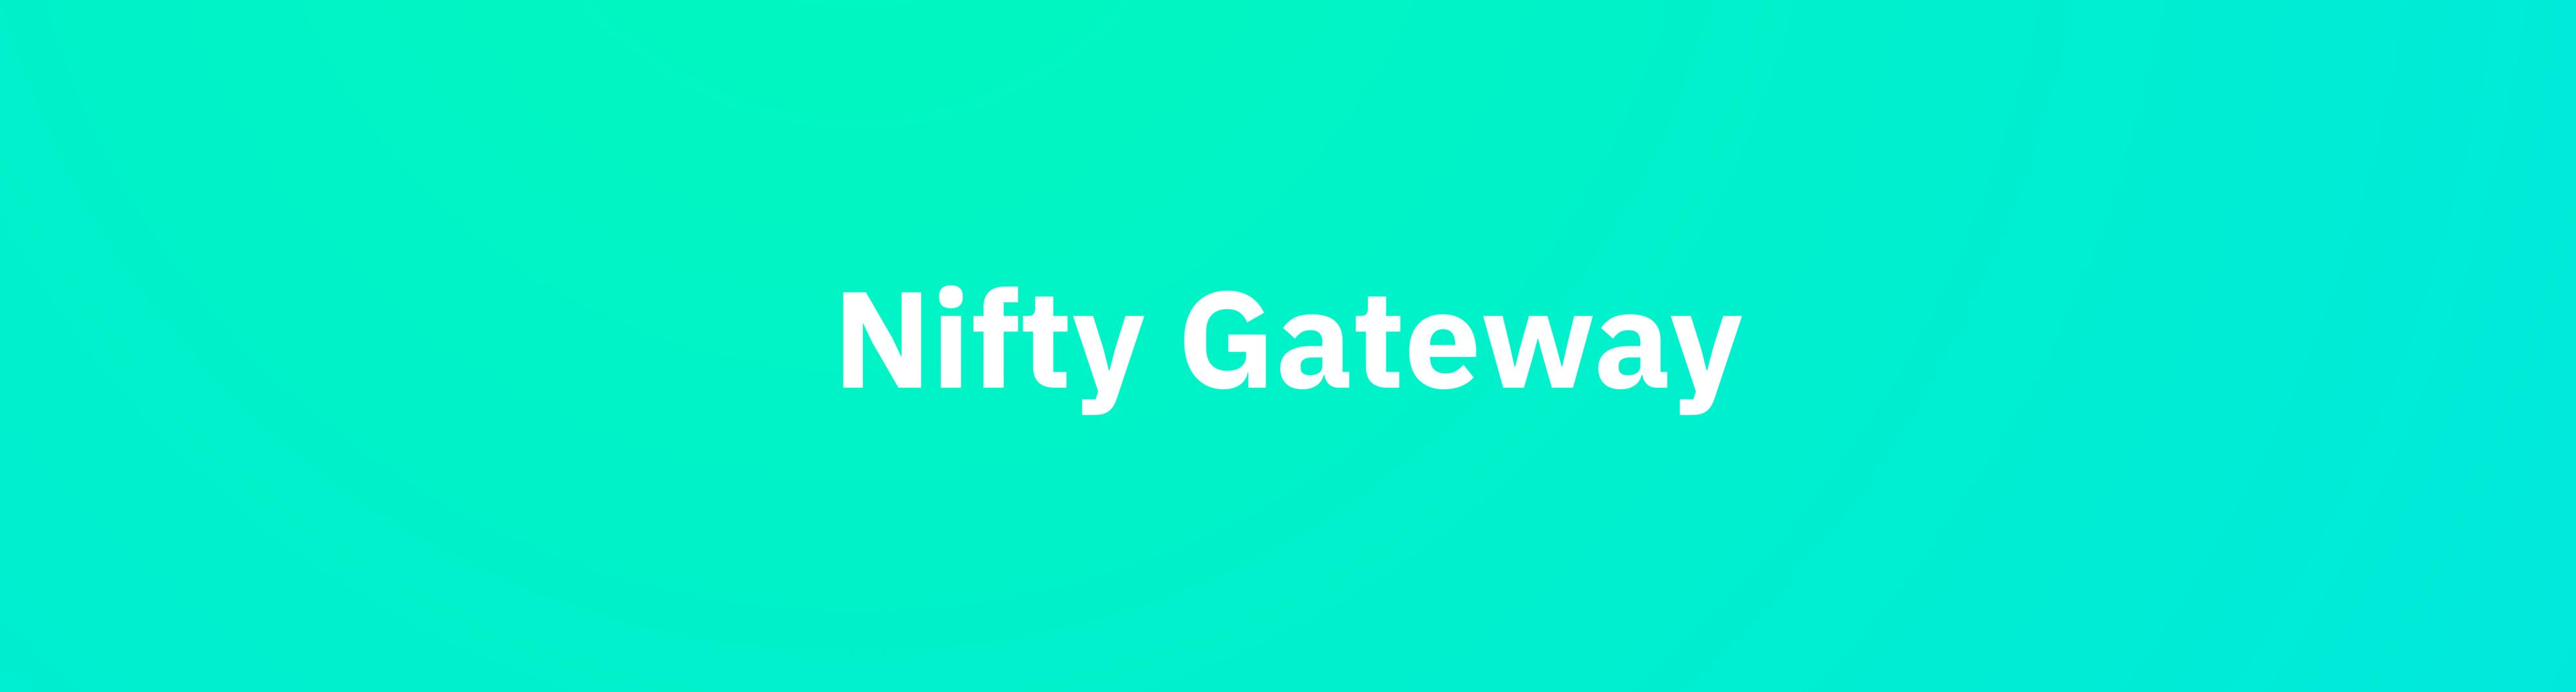 NFTの4大プラットフォーム④『Nifty Gateway』